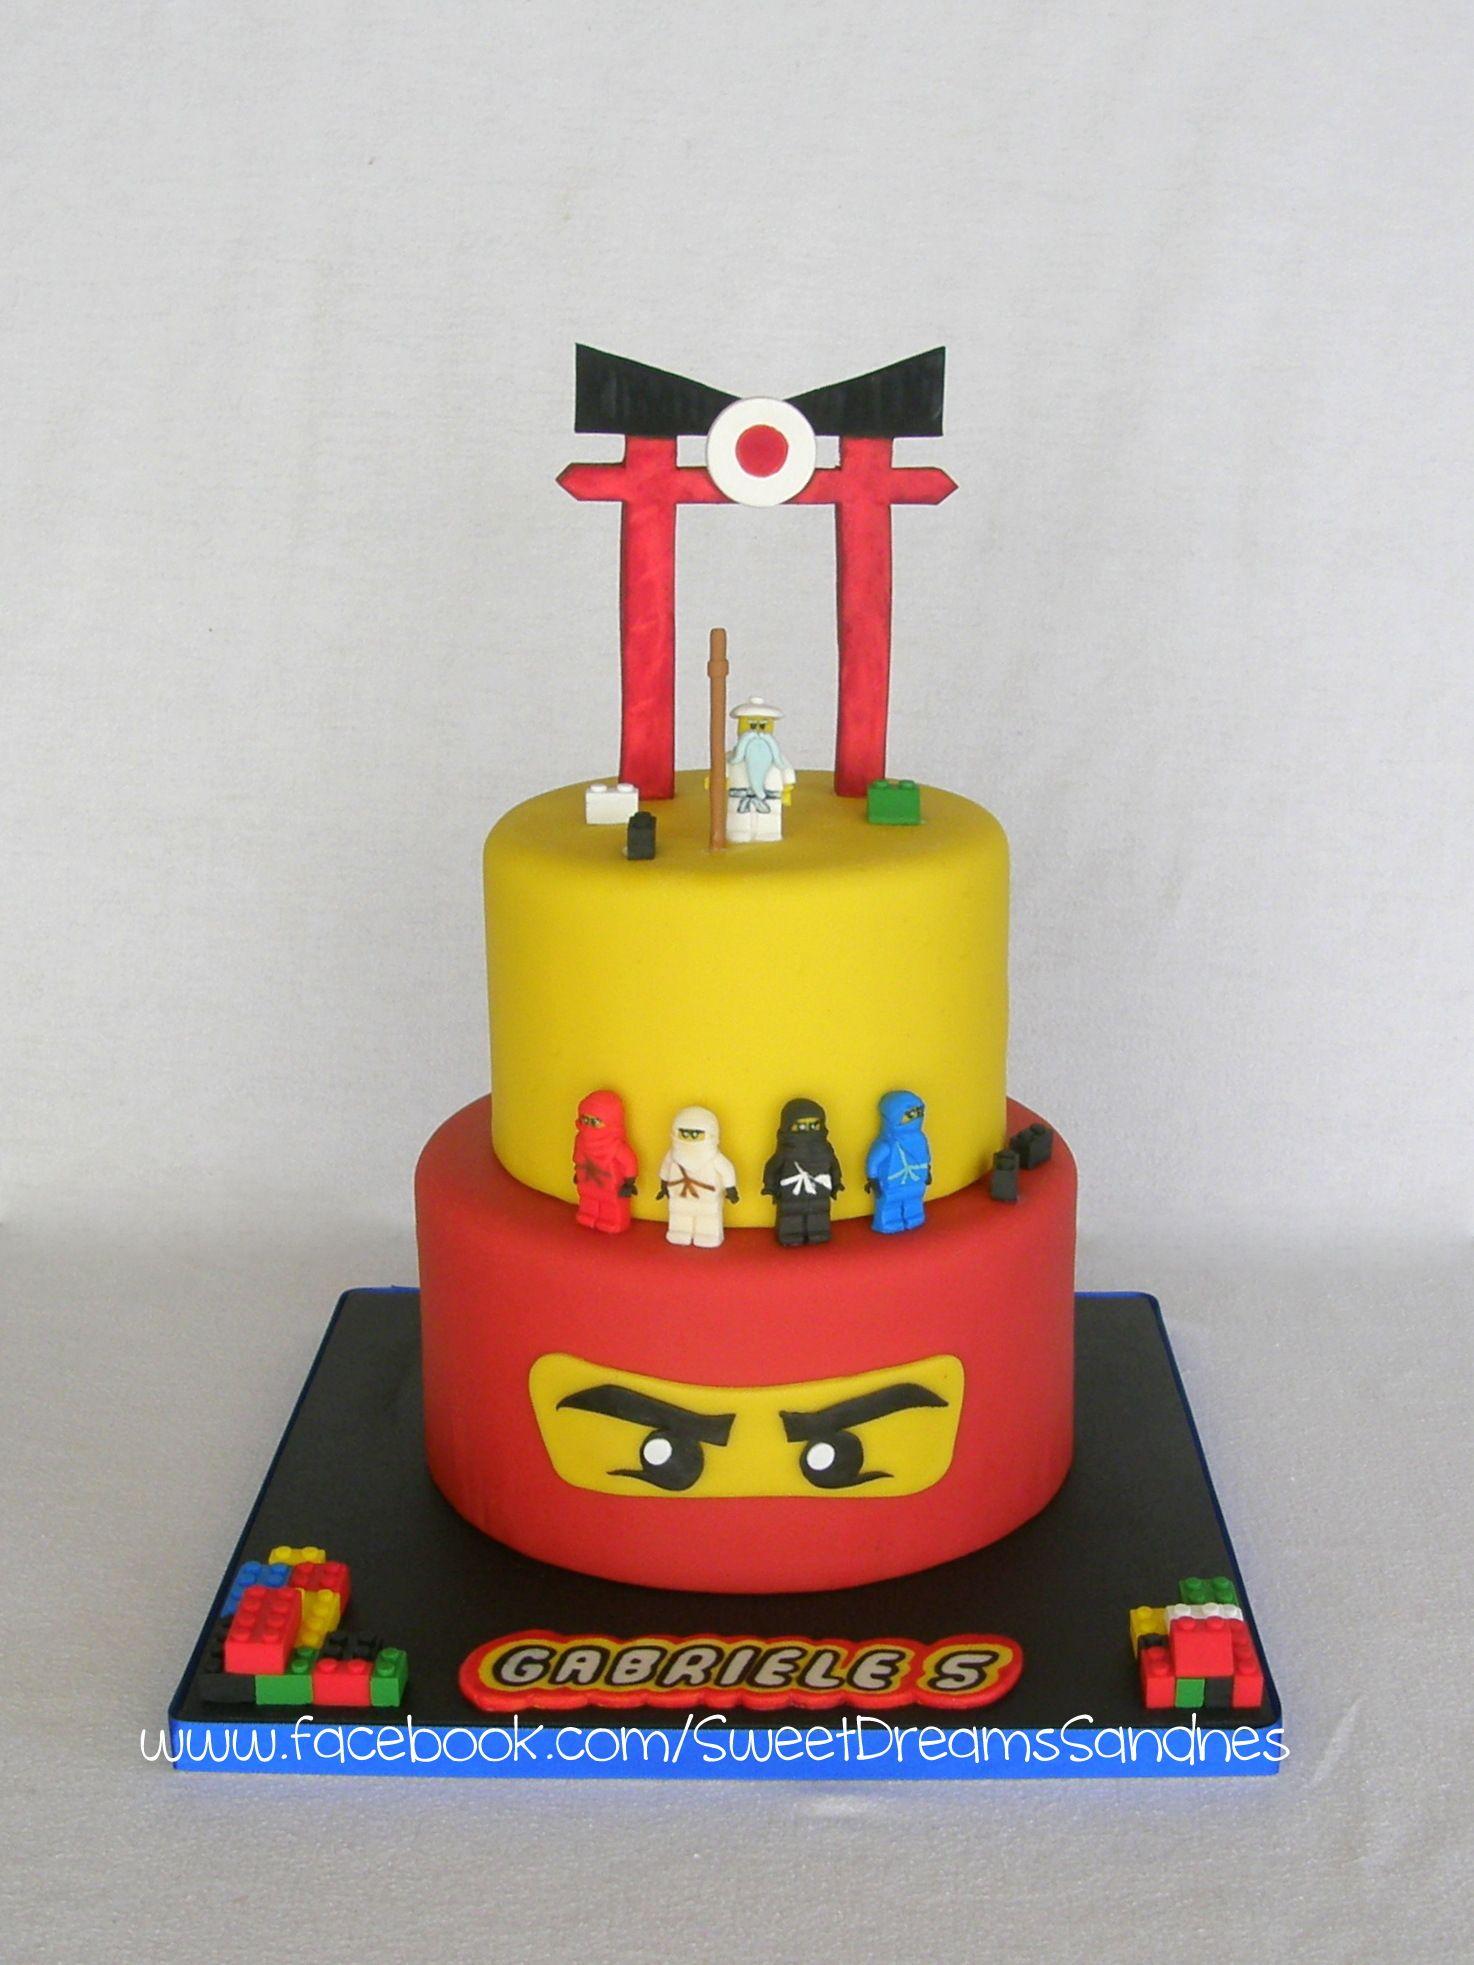 Lego Ninjago Birthday Cake Put The Bottom Layer As The Top